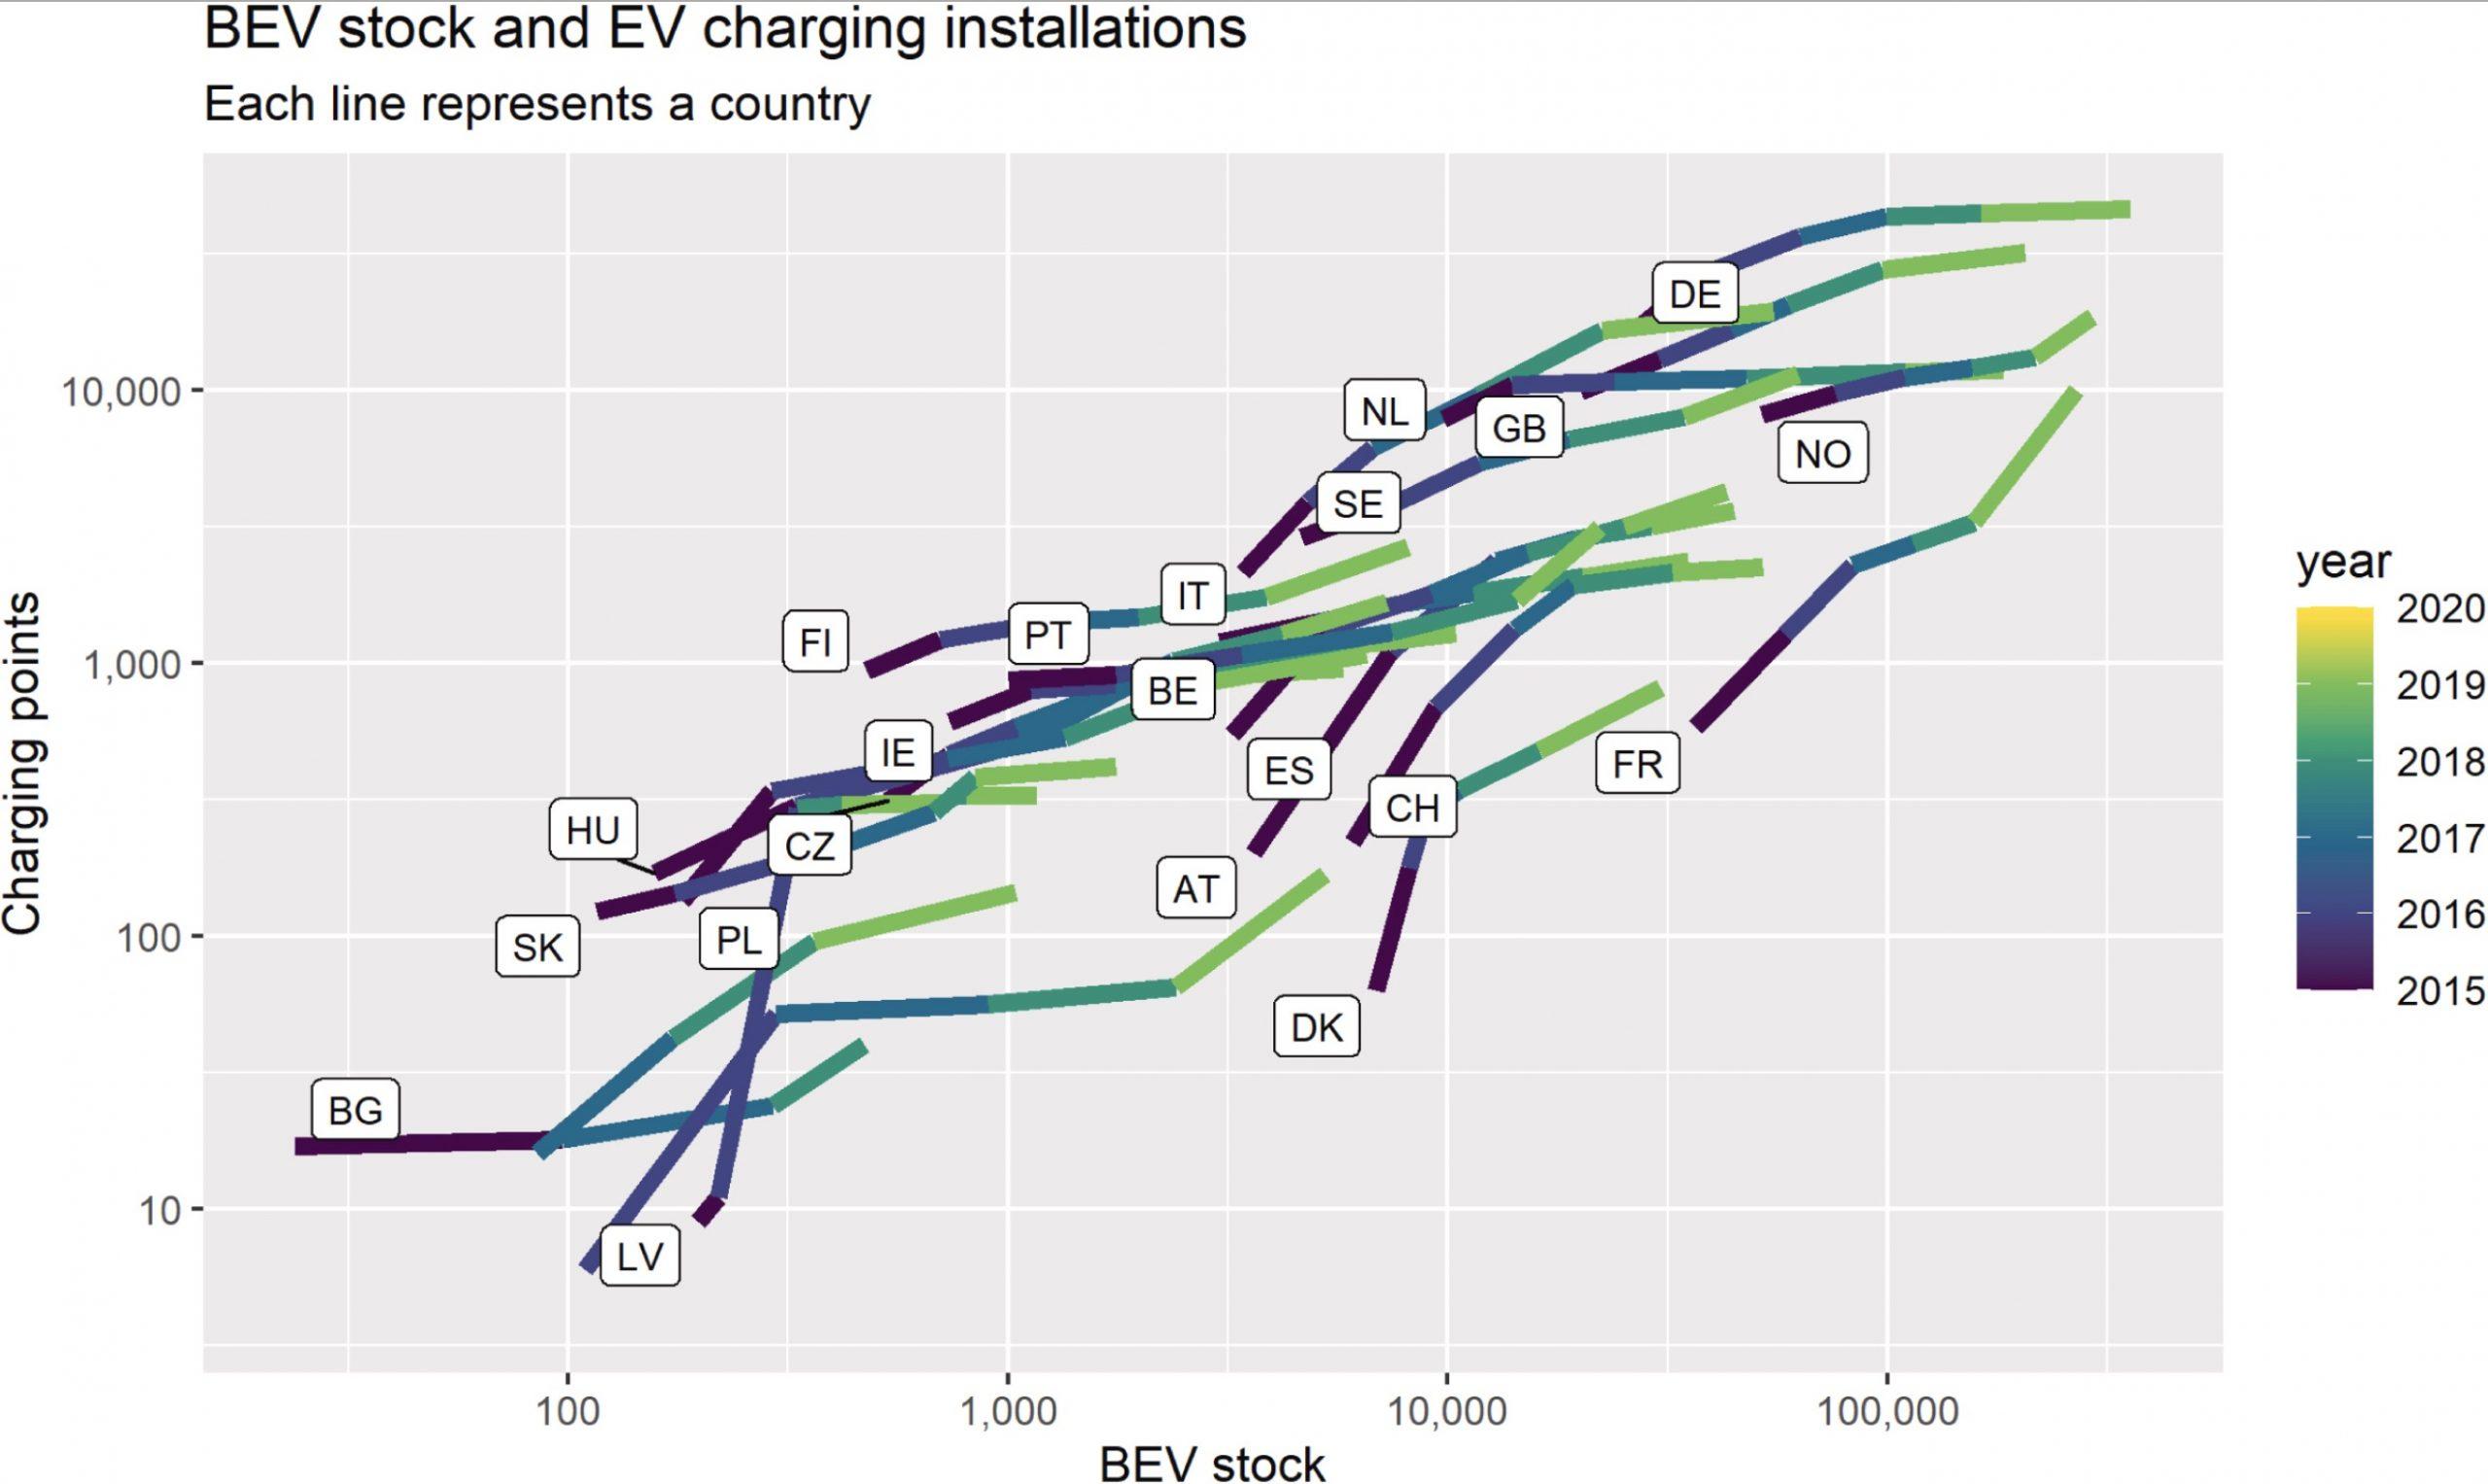 BEV-sales-vs-EV-charging-installations-EU